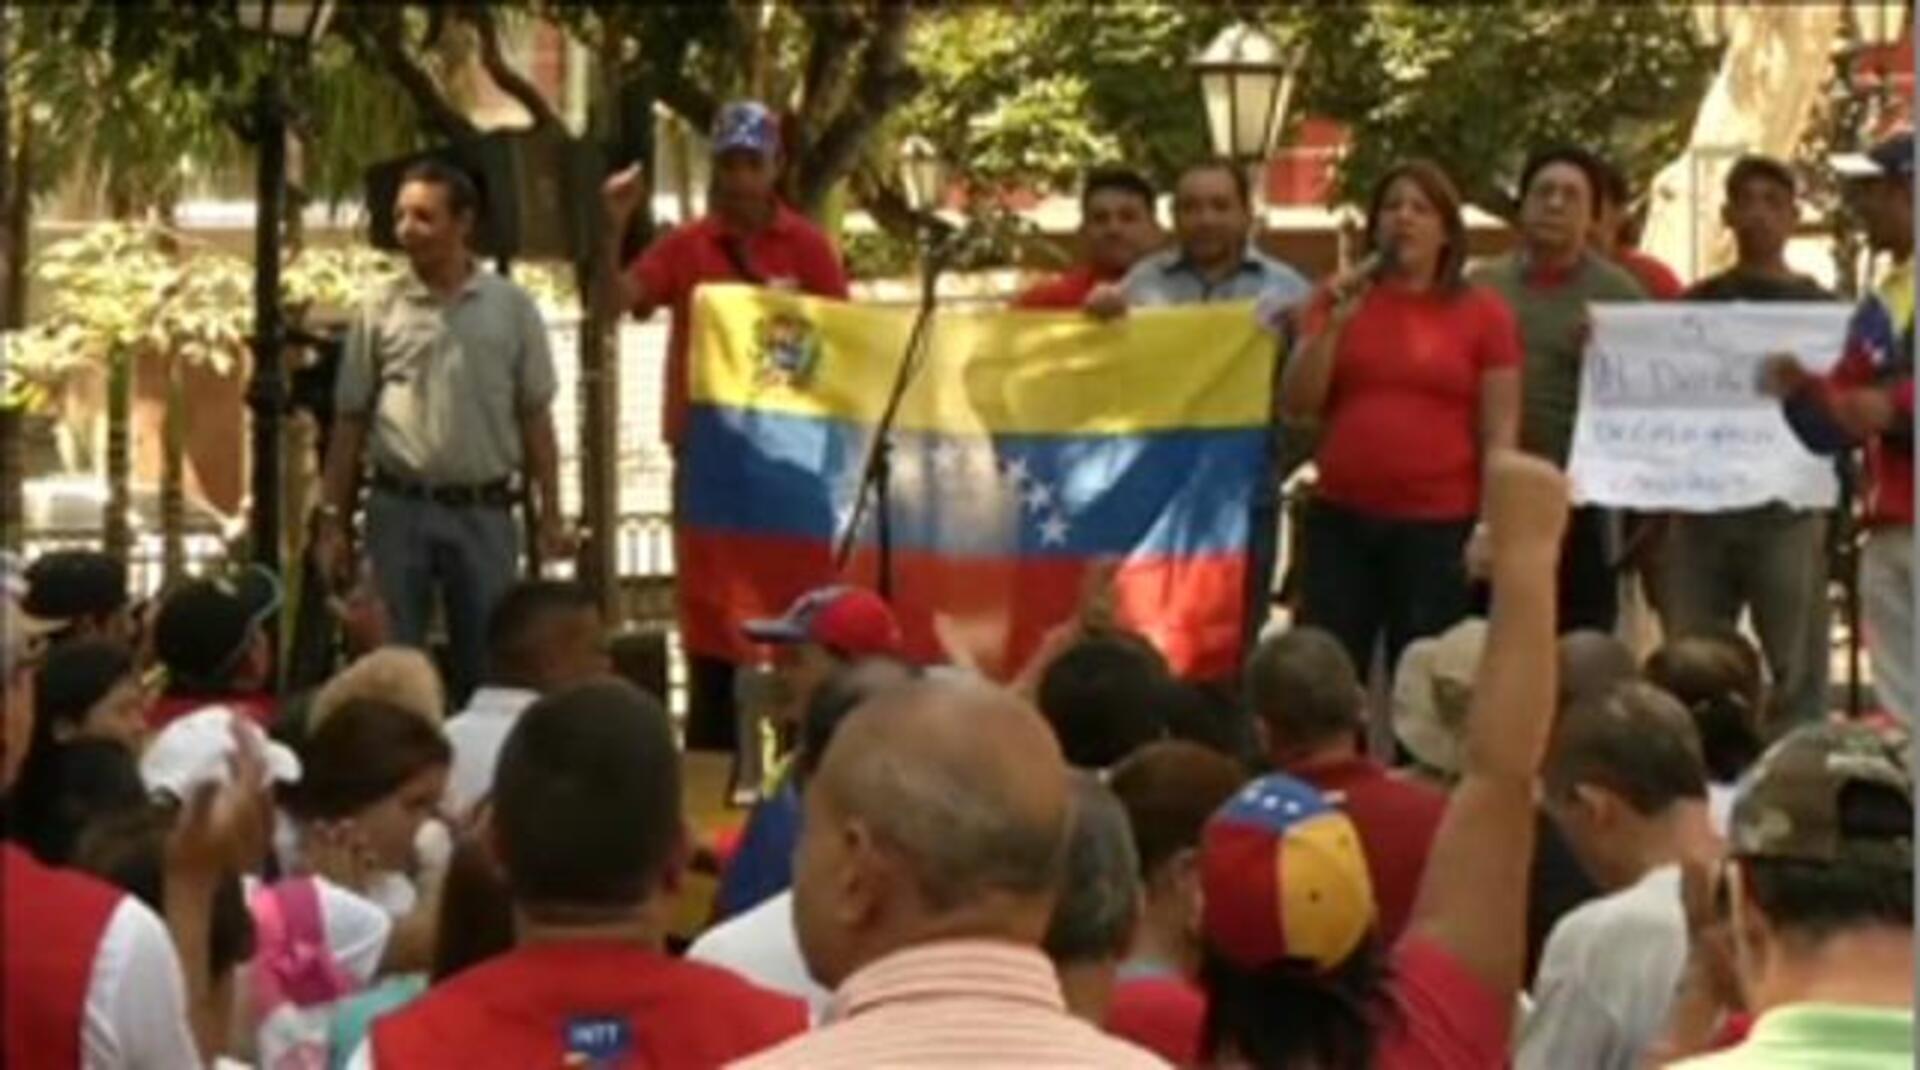 Manifestaciones en Venezuela a favor y en contra del gobierno de Maduro